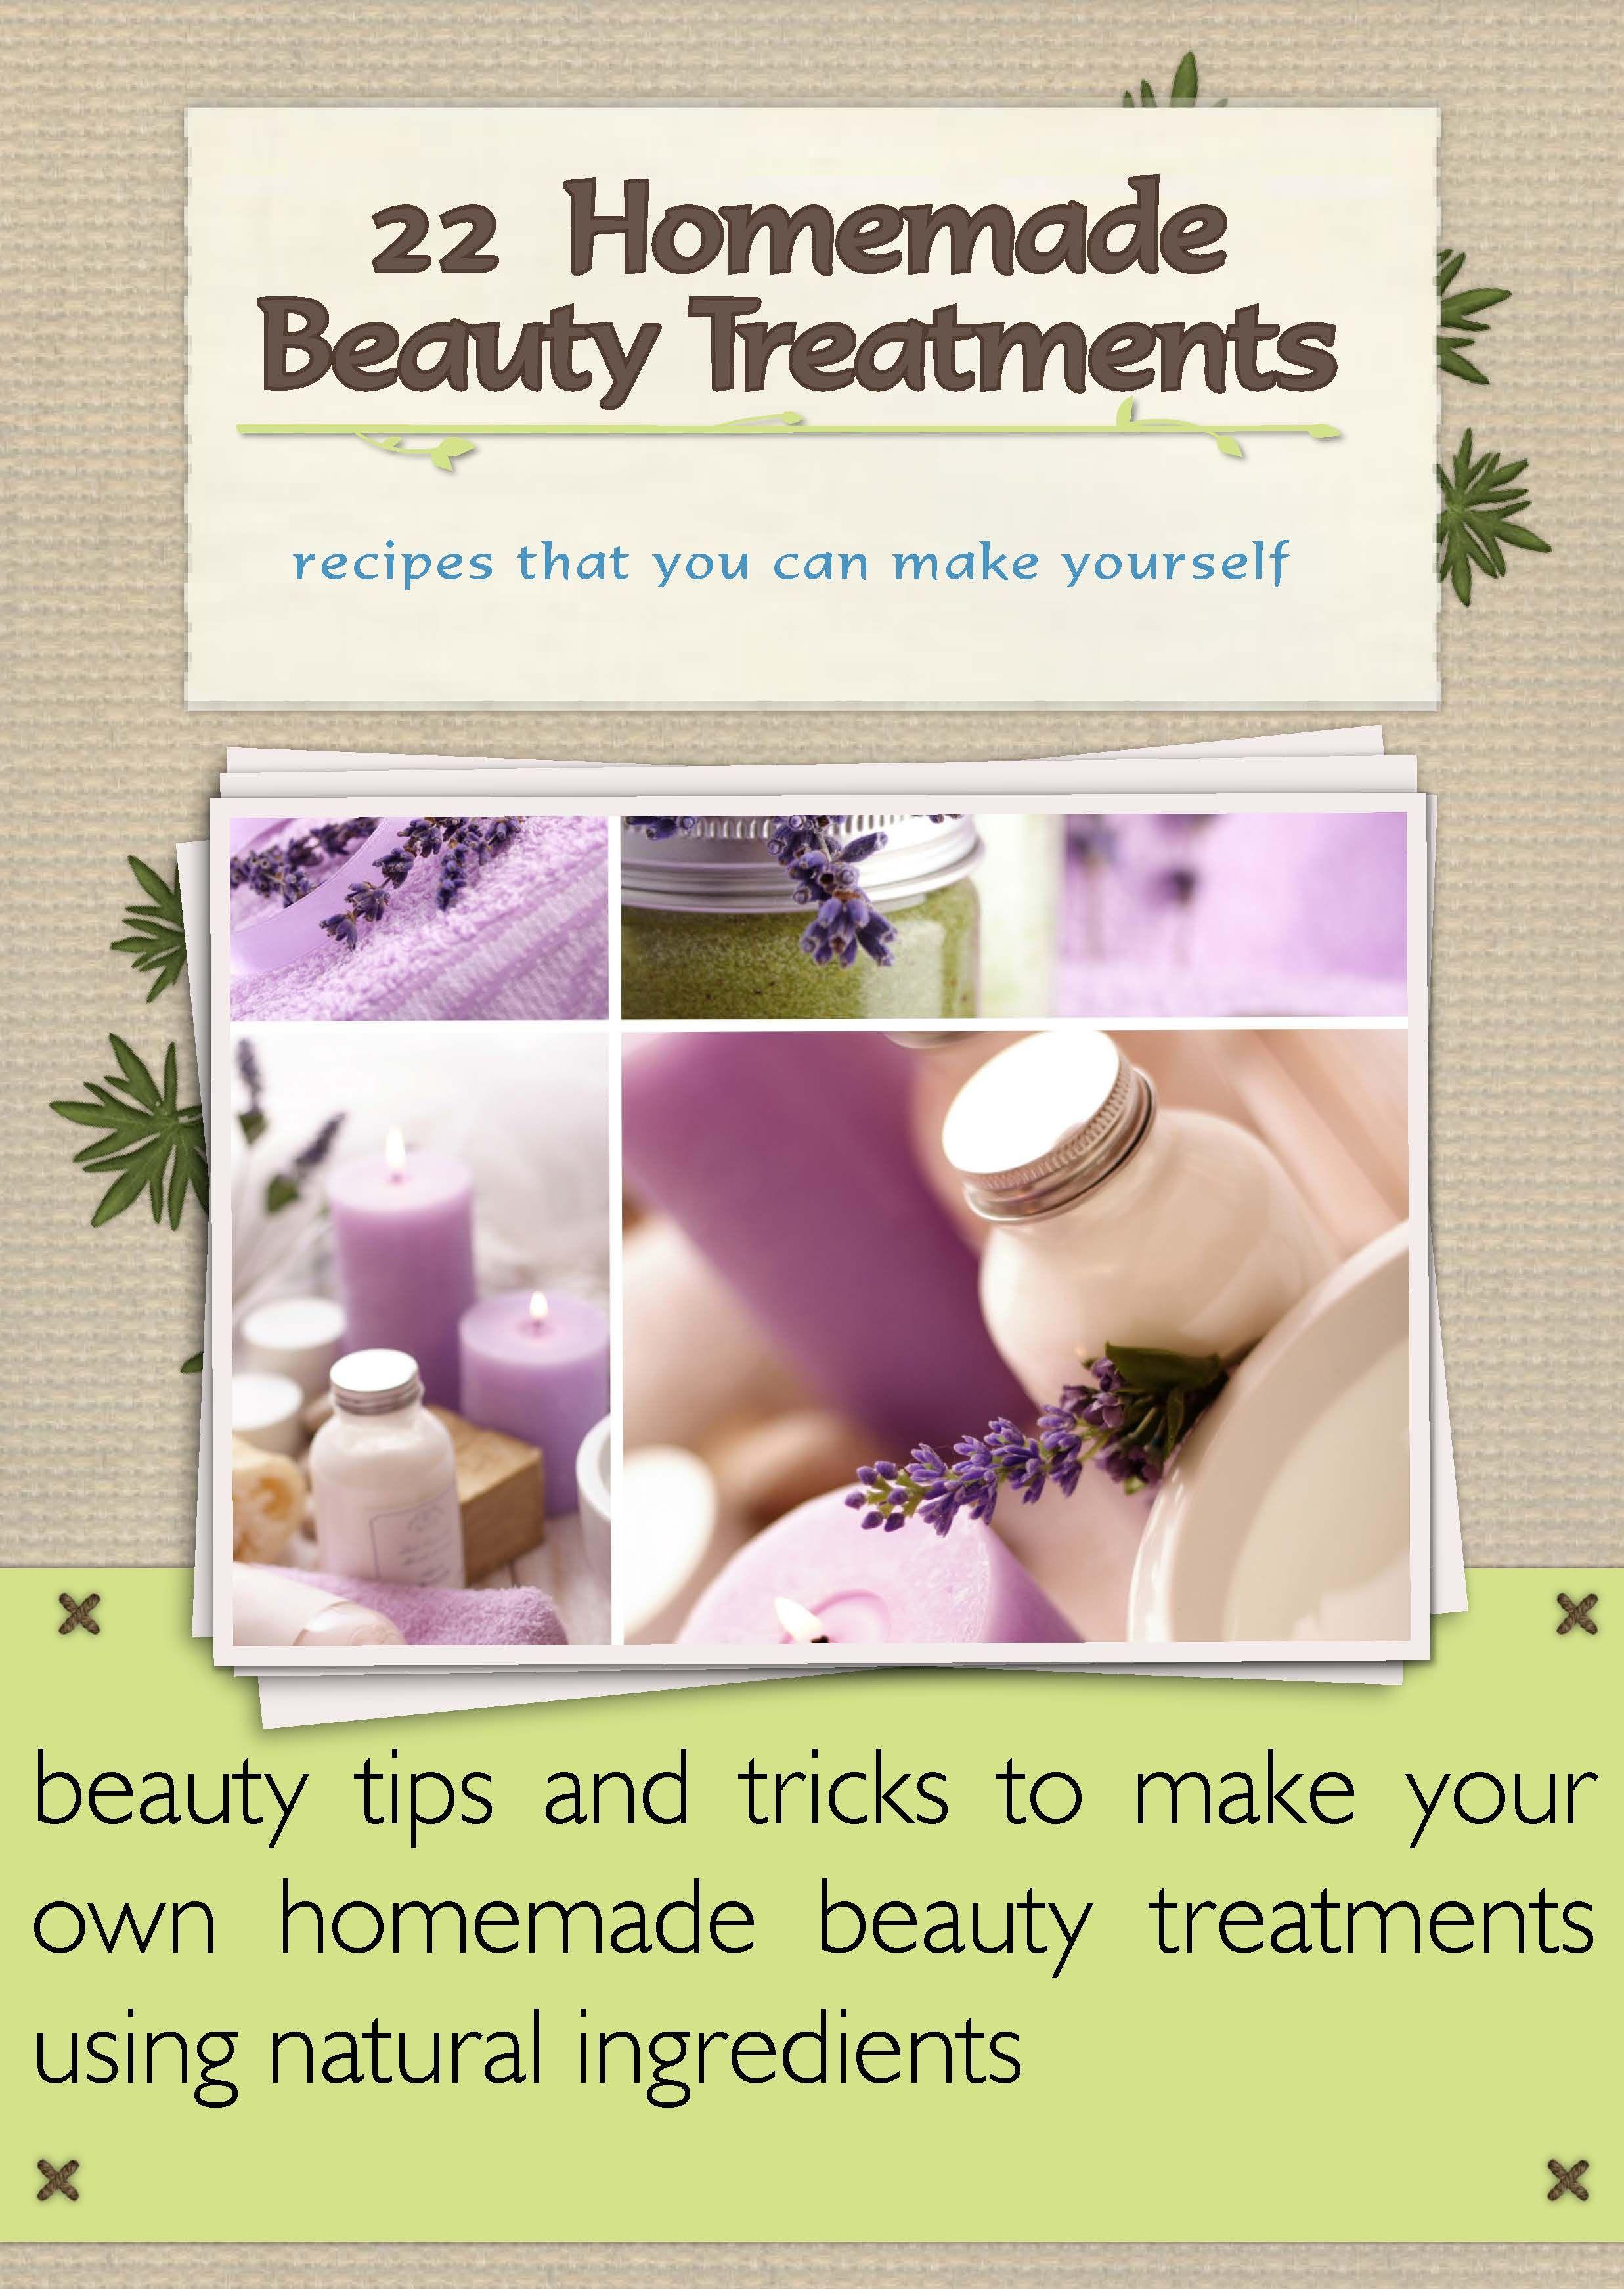 Homemade beauty treatments recipes Homemade beauty